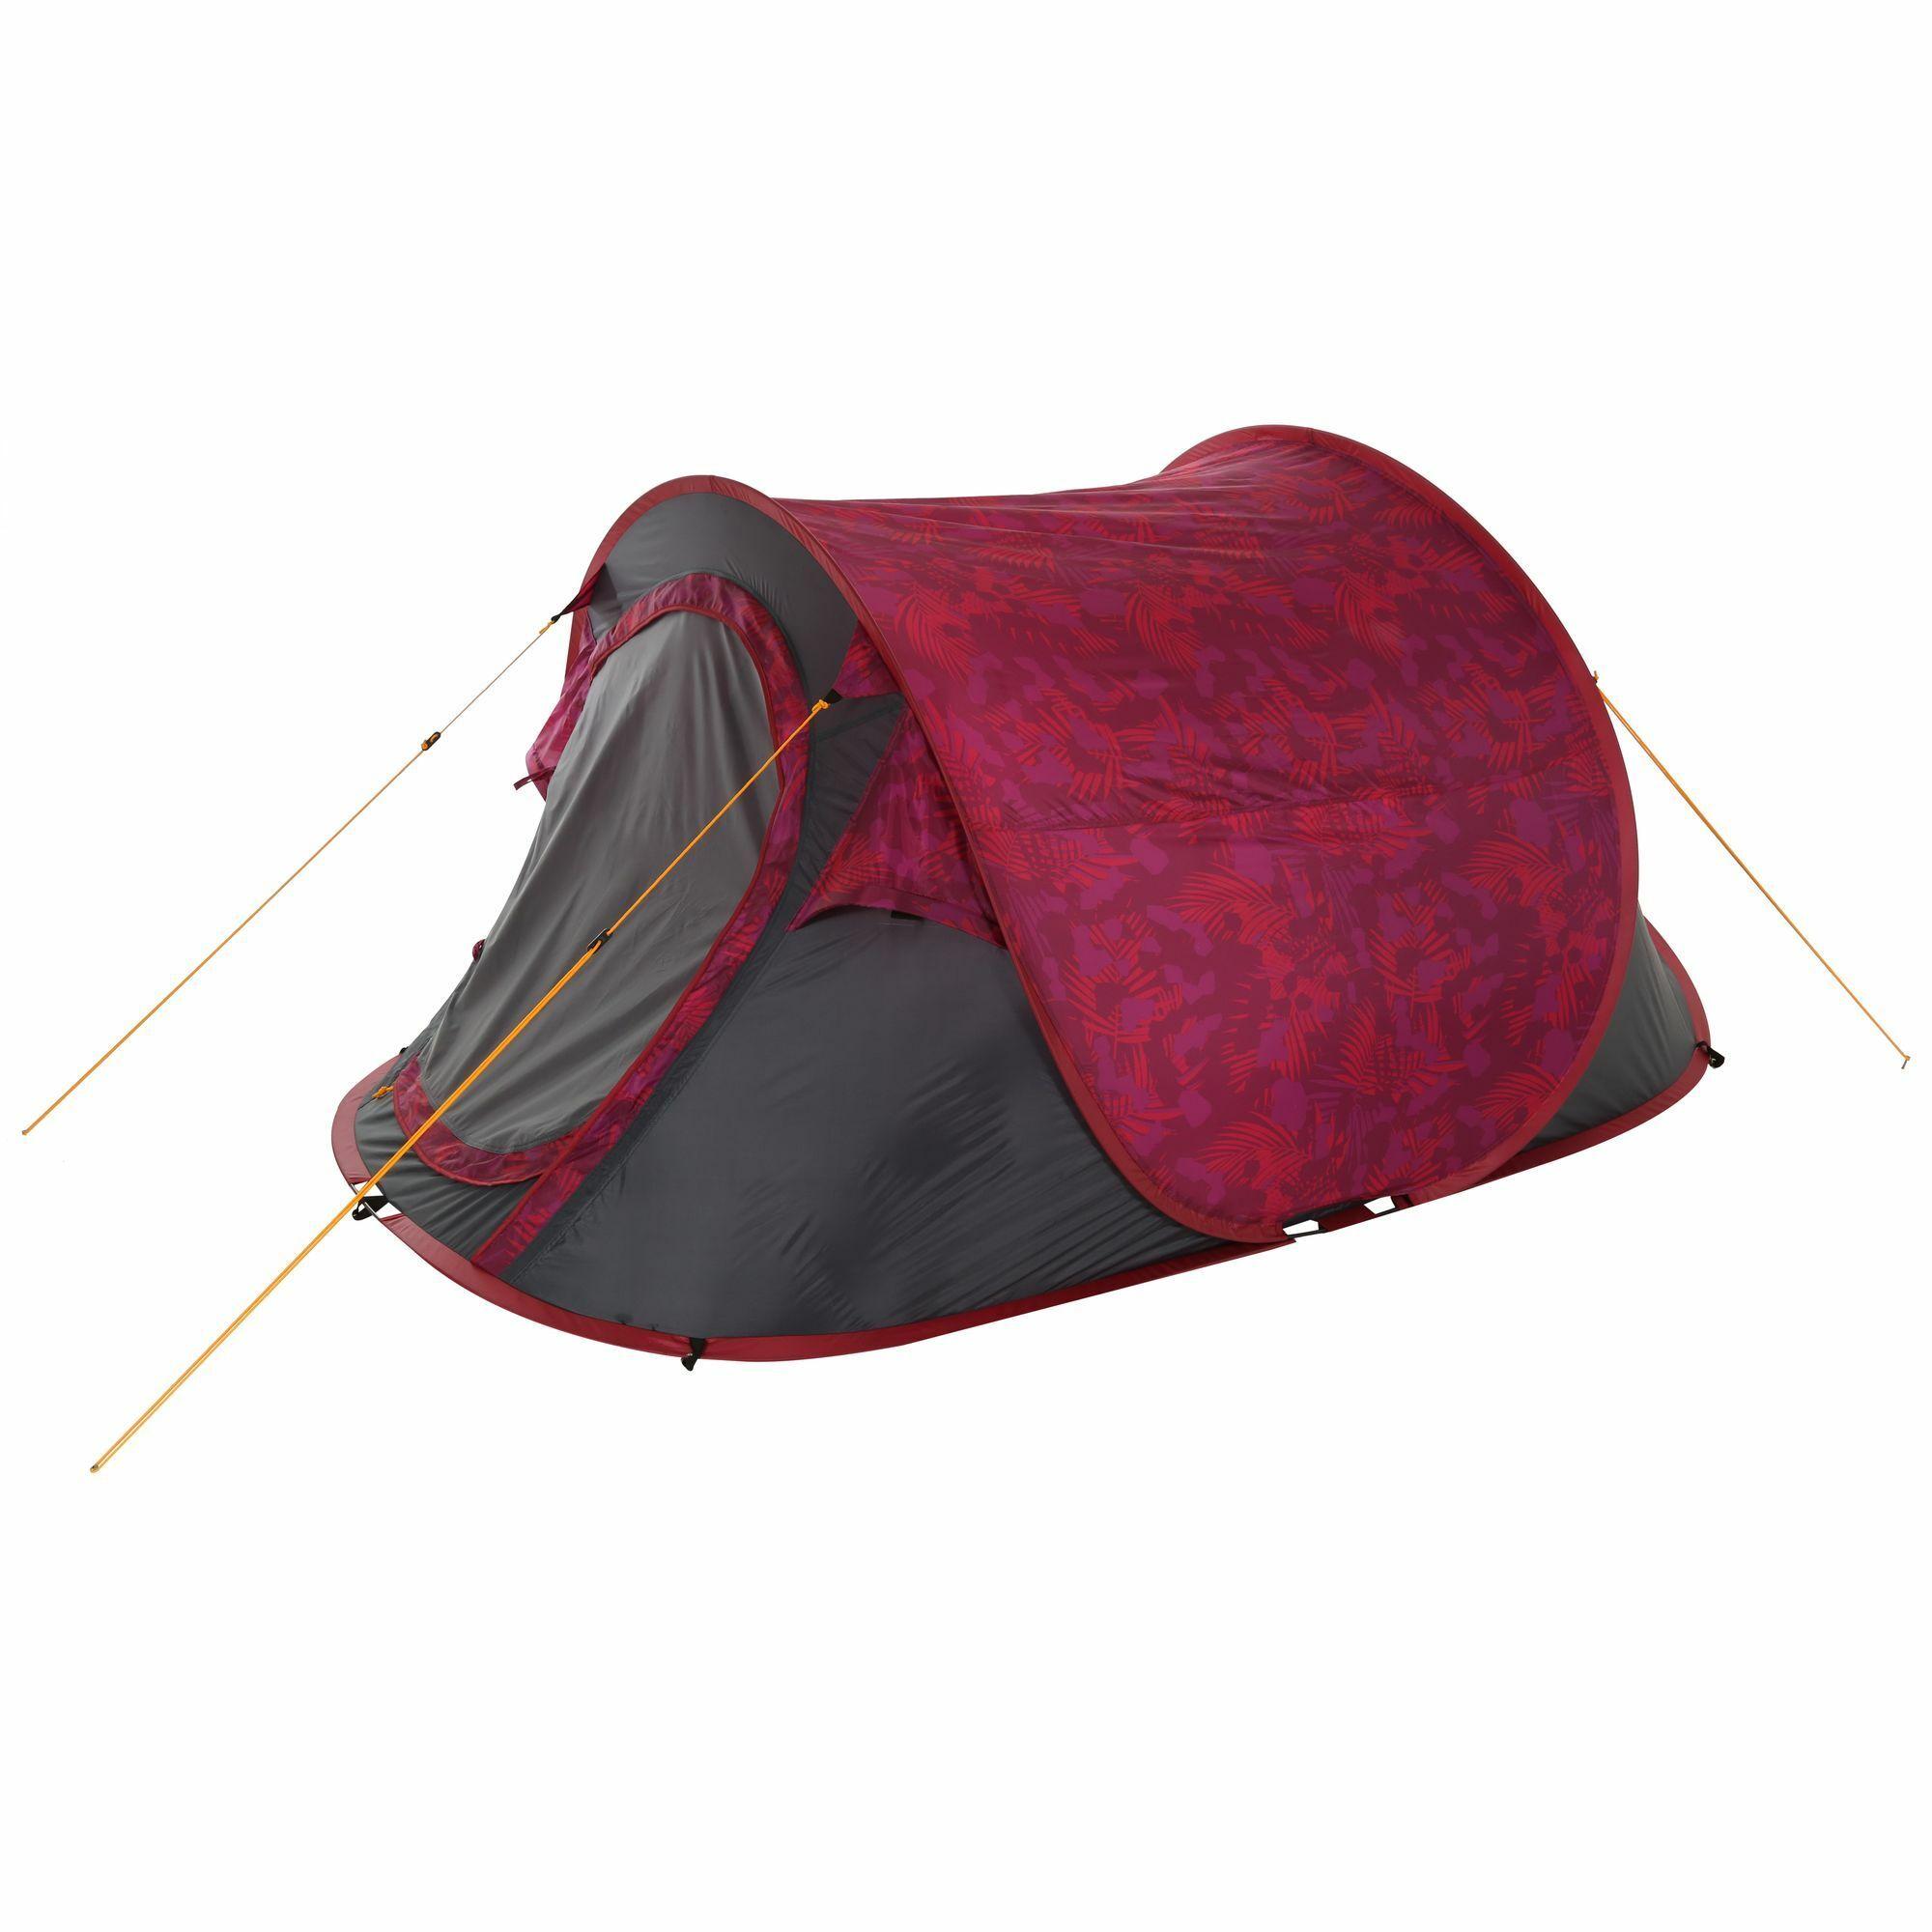 GEO Red Pop Up Tent